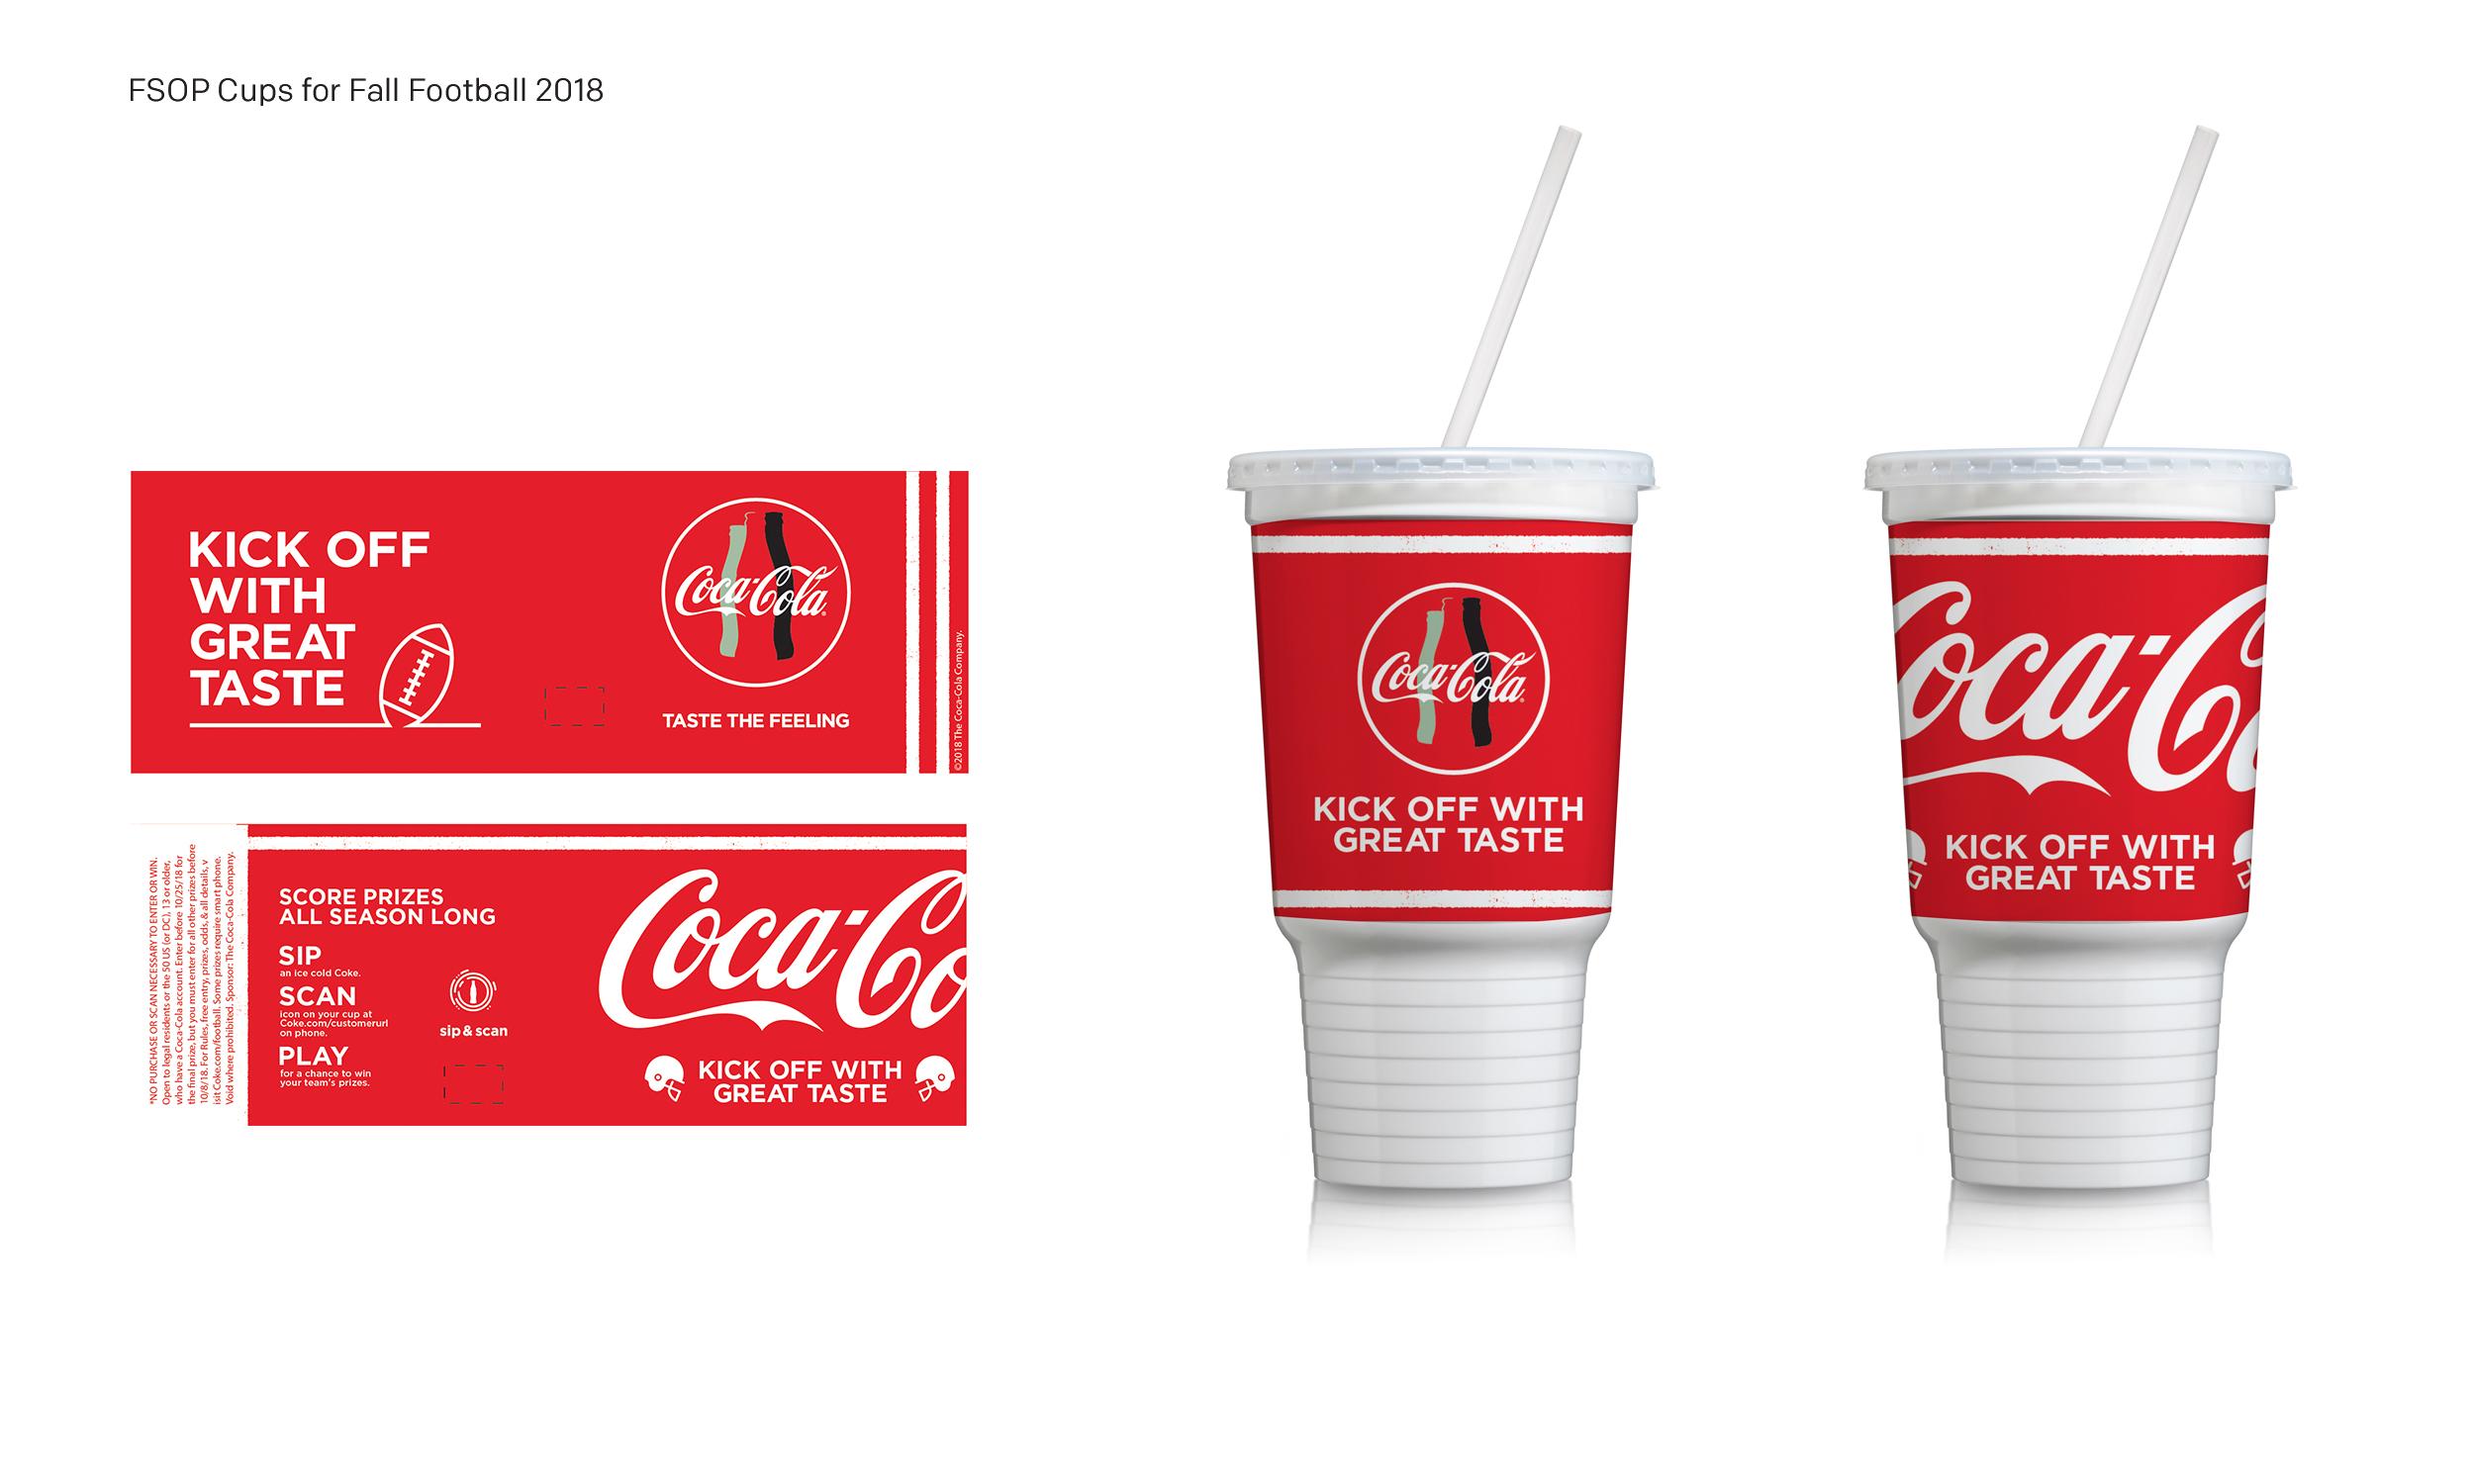 FSOP-Cups.jpg